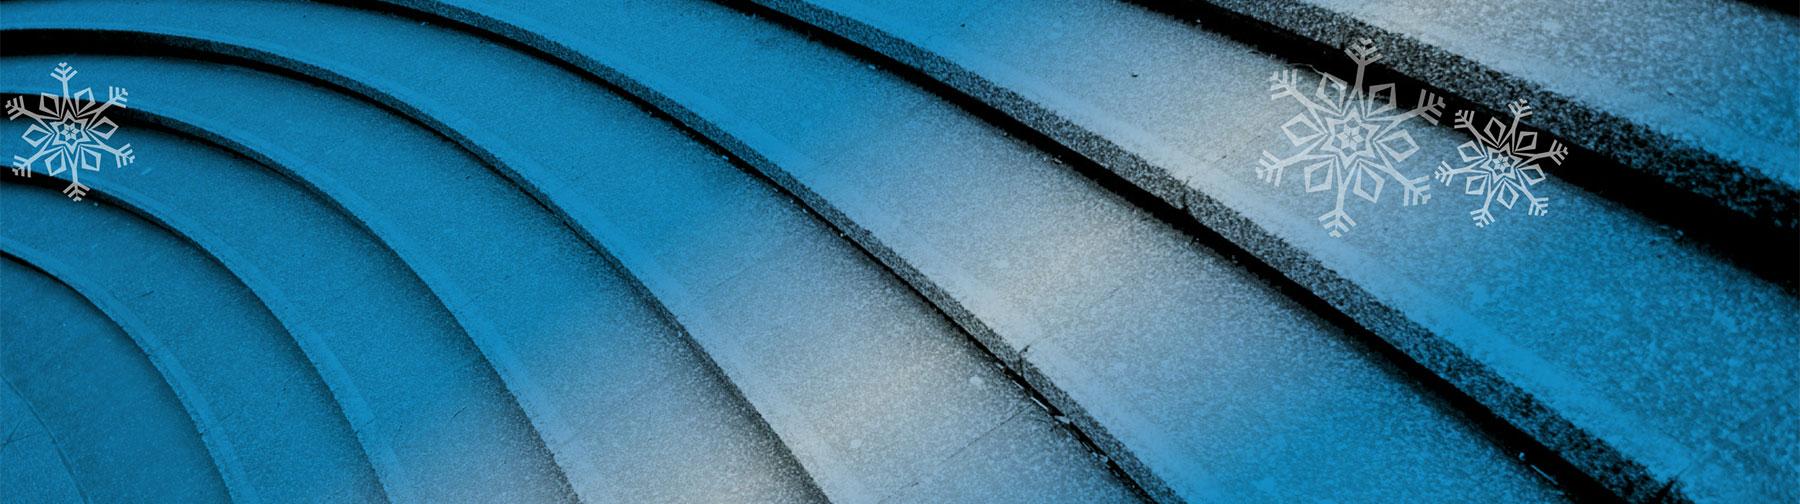 convergent group - pentra shield - concrete - floor